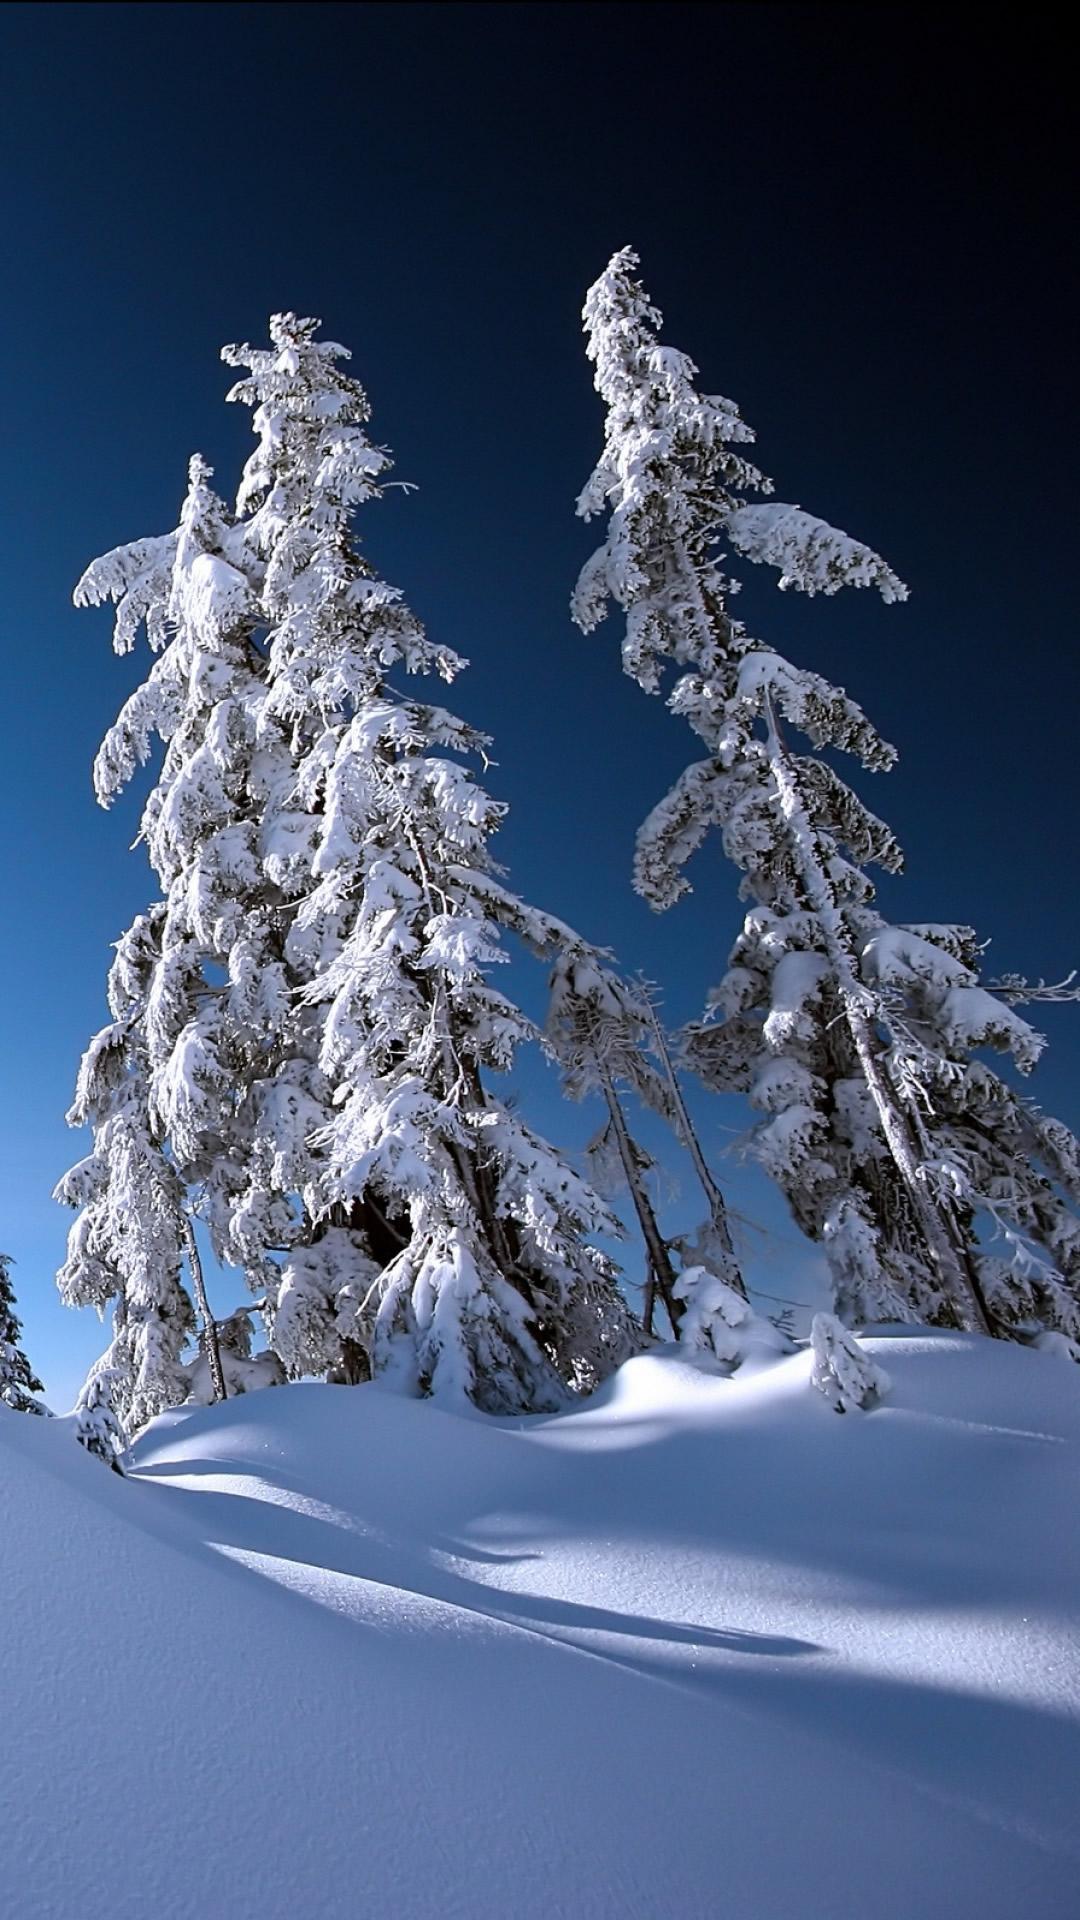 雪に覆われた冬のスマホ壁紙